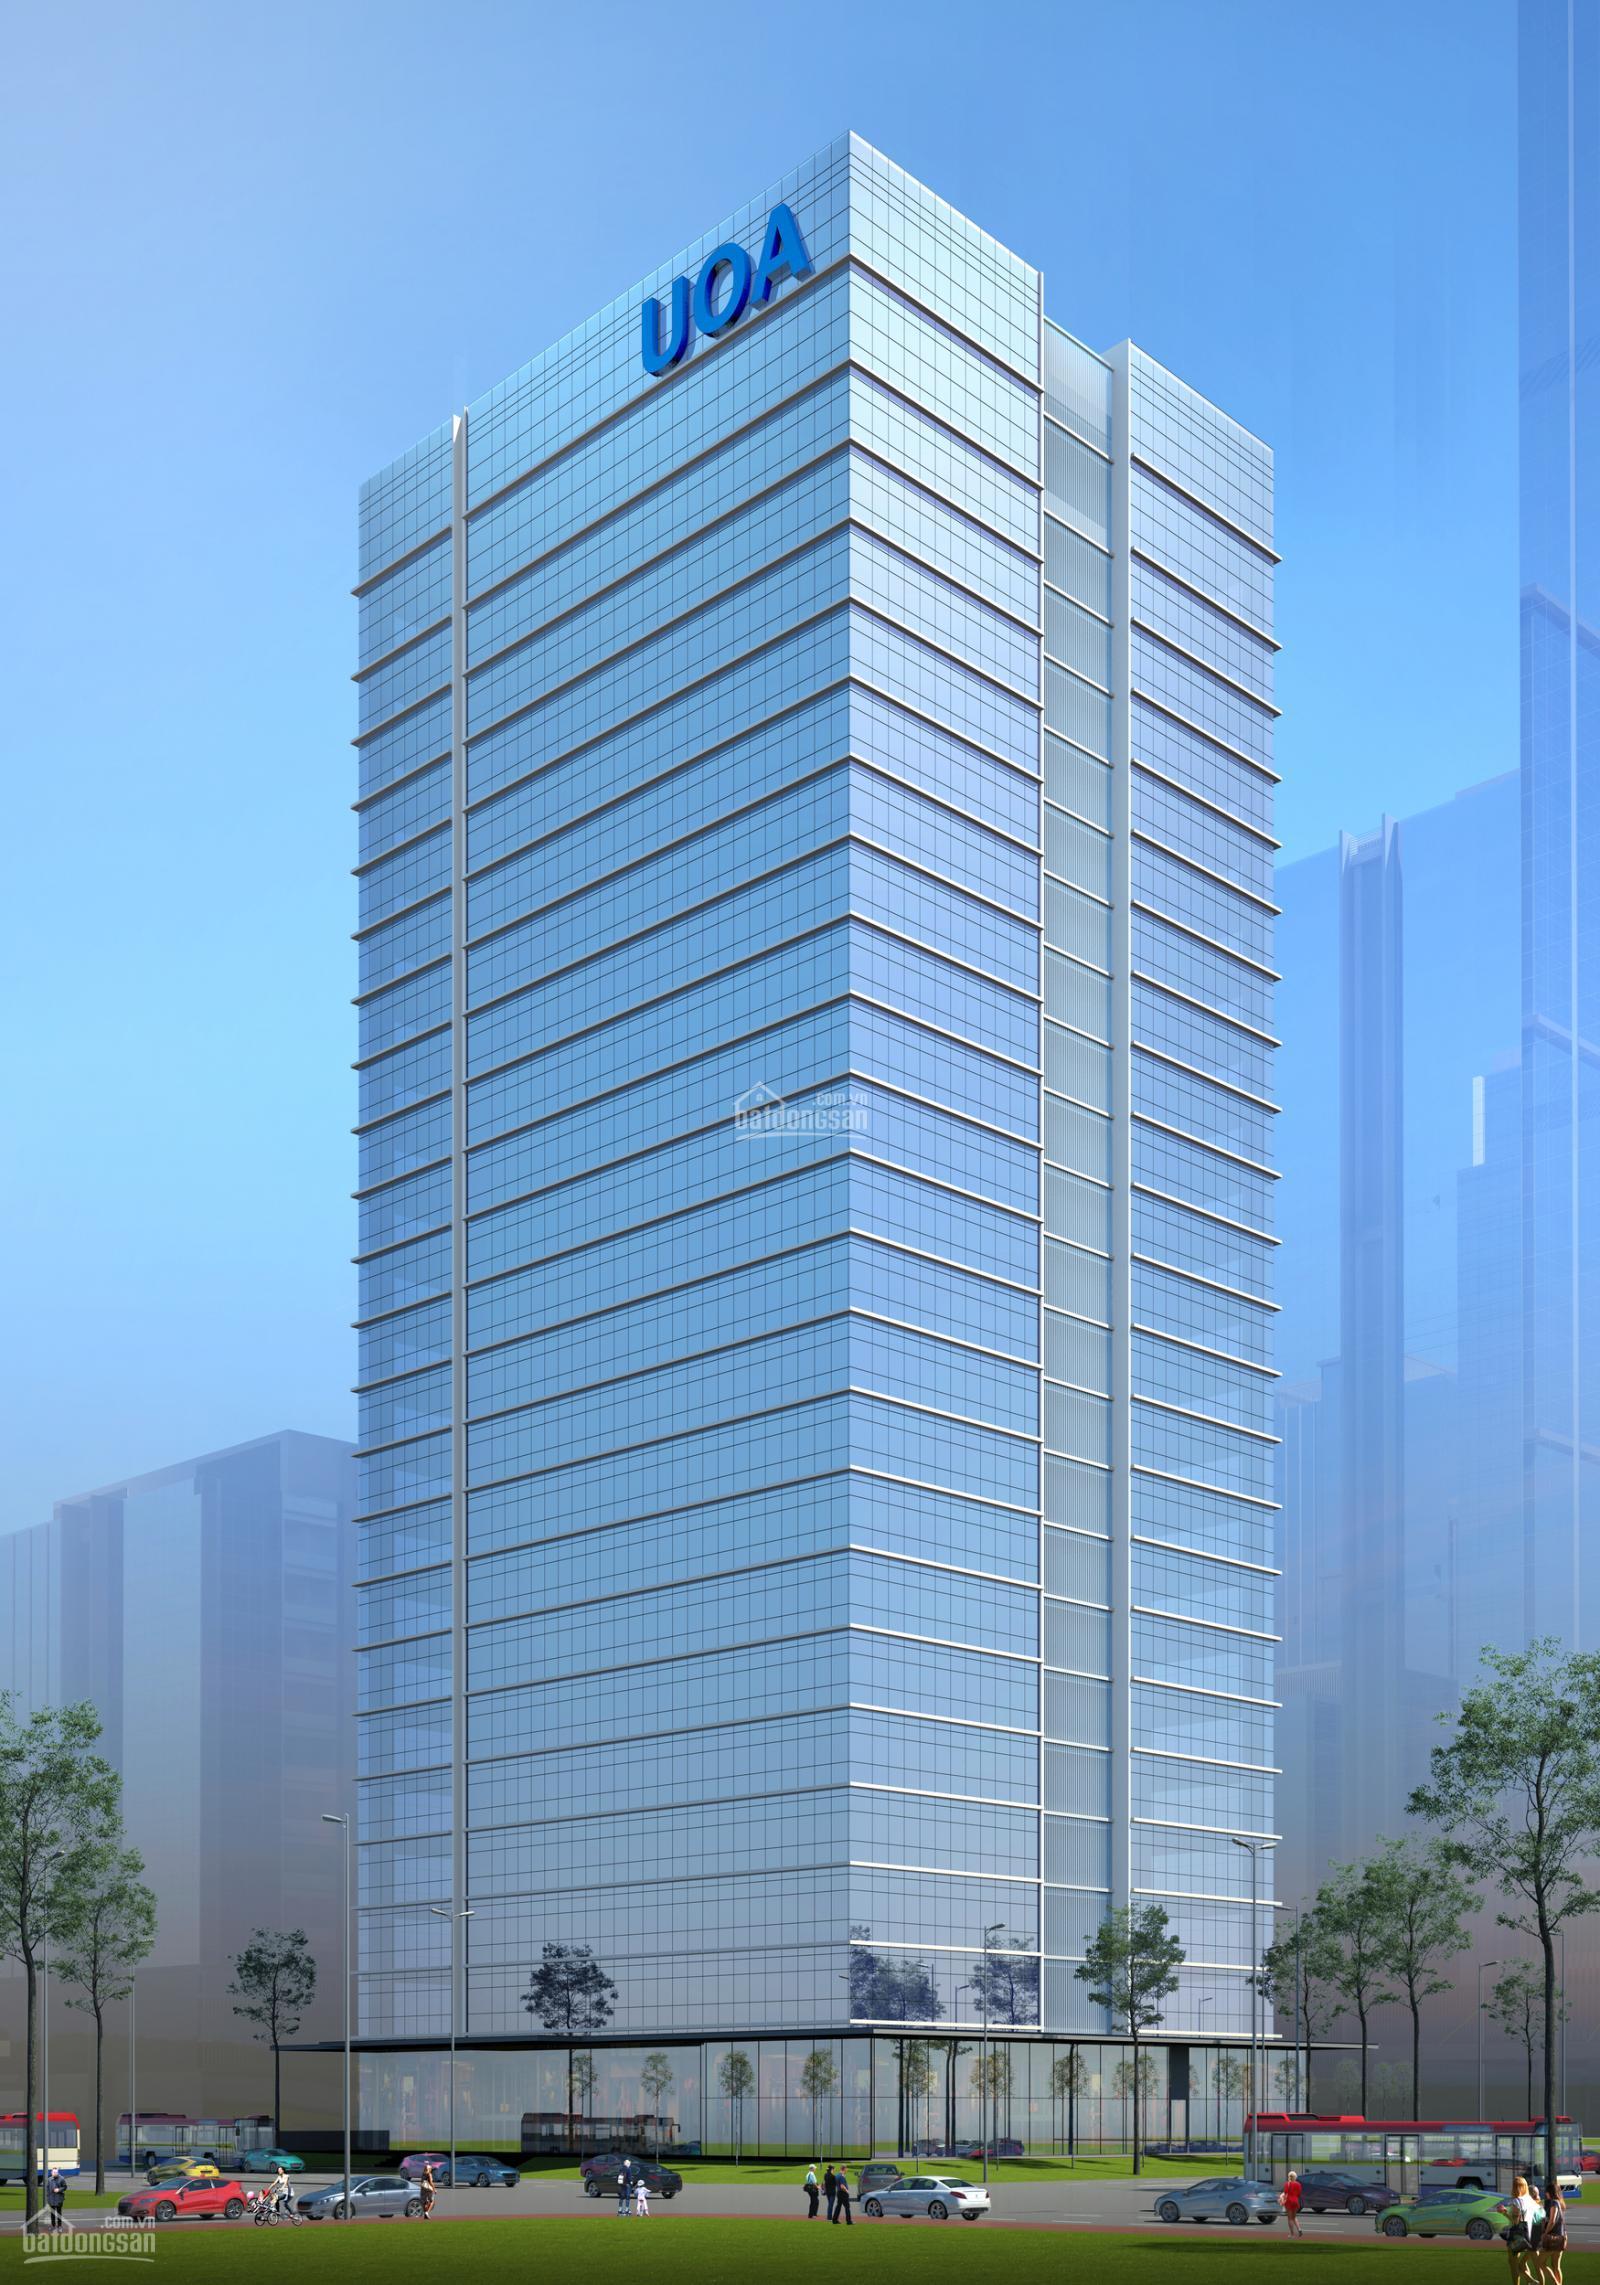 Company establishment in UOA tower